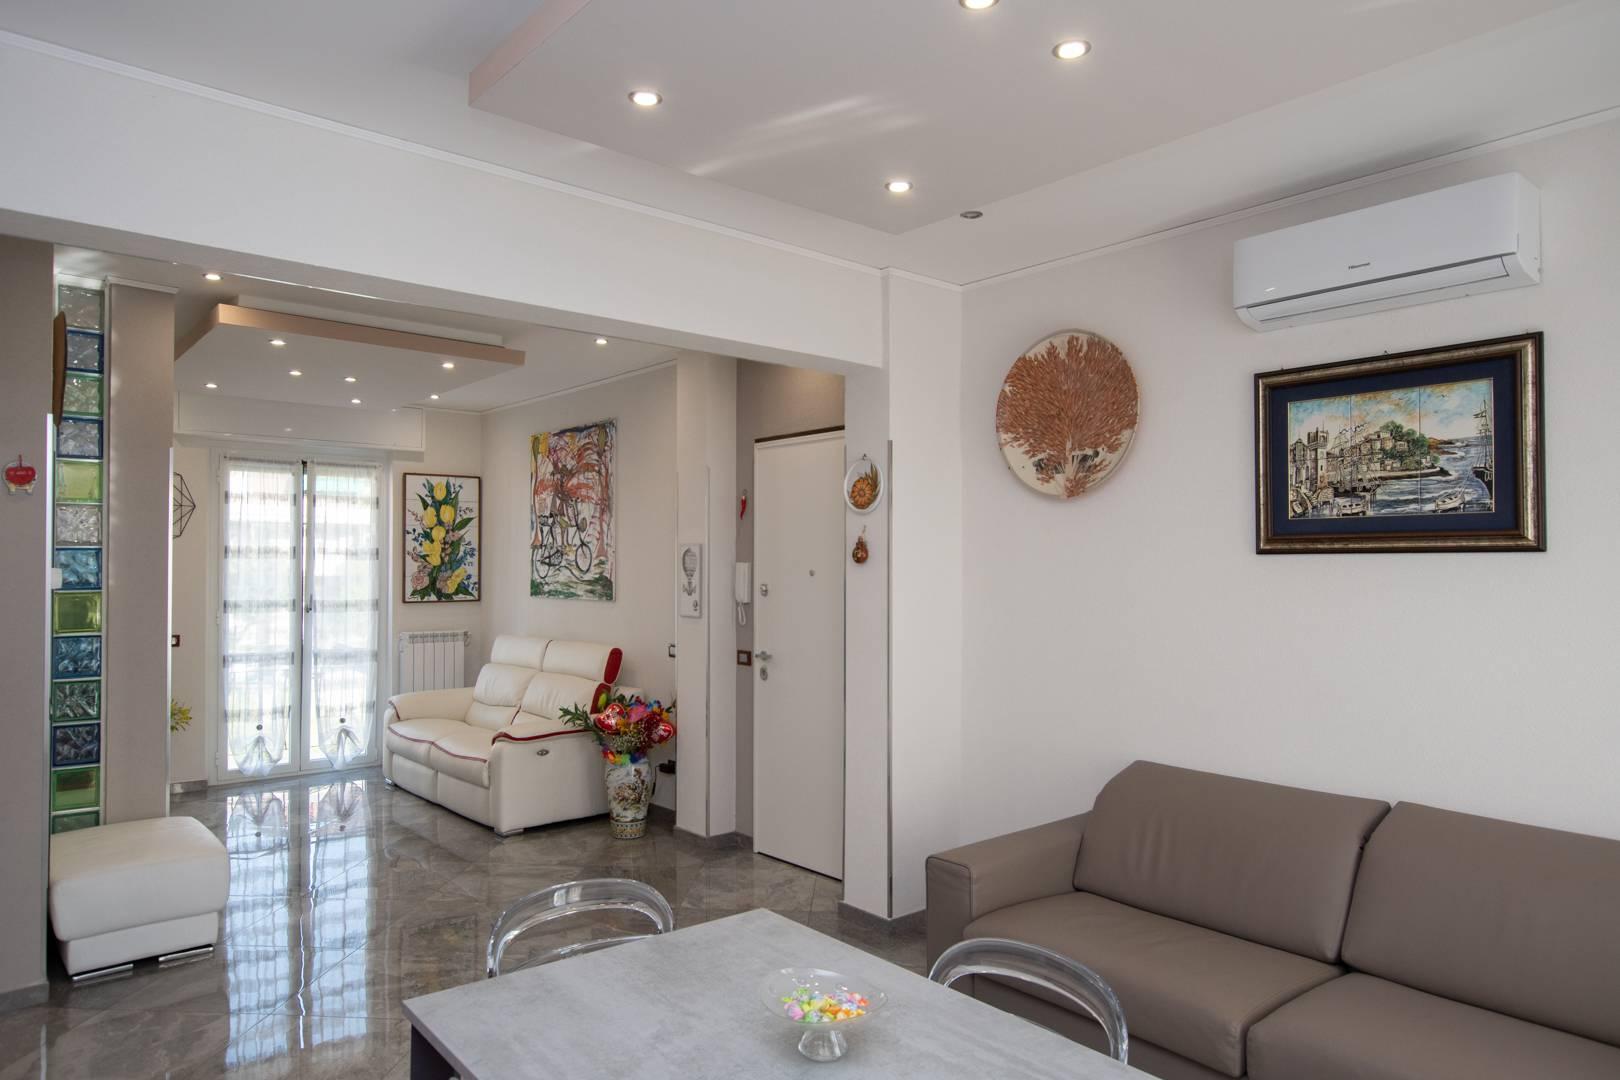 Appartamento in vendita a Albisola Superiore, 3 locali, zona Località: AlbisolaCapo, prezzo € 279.000 | PortaleAgenzieImmobiliari.it